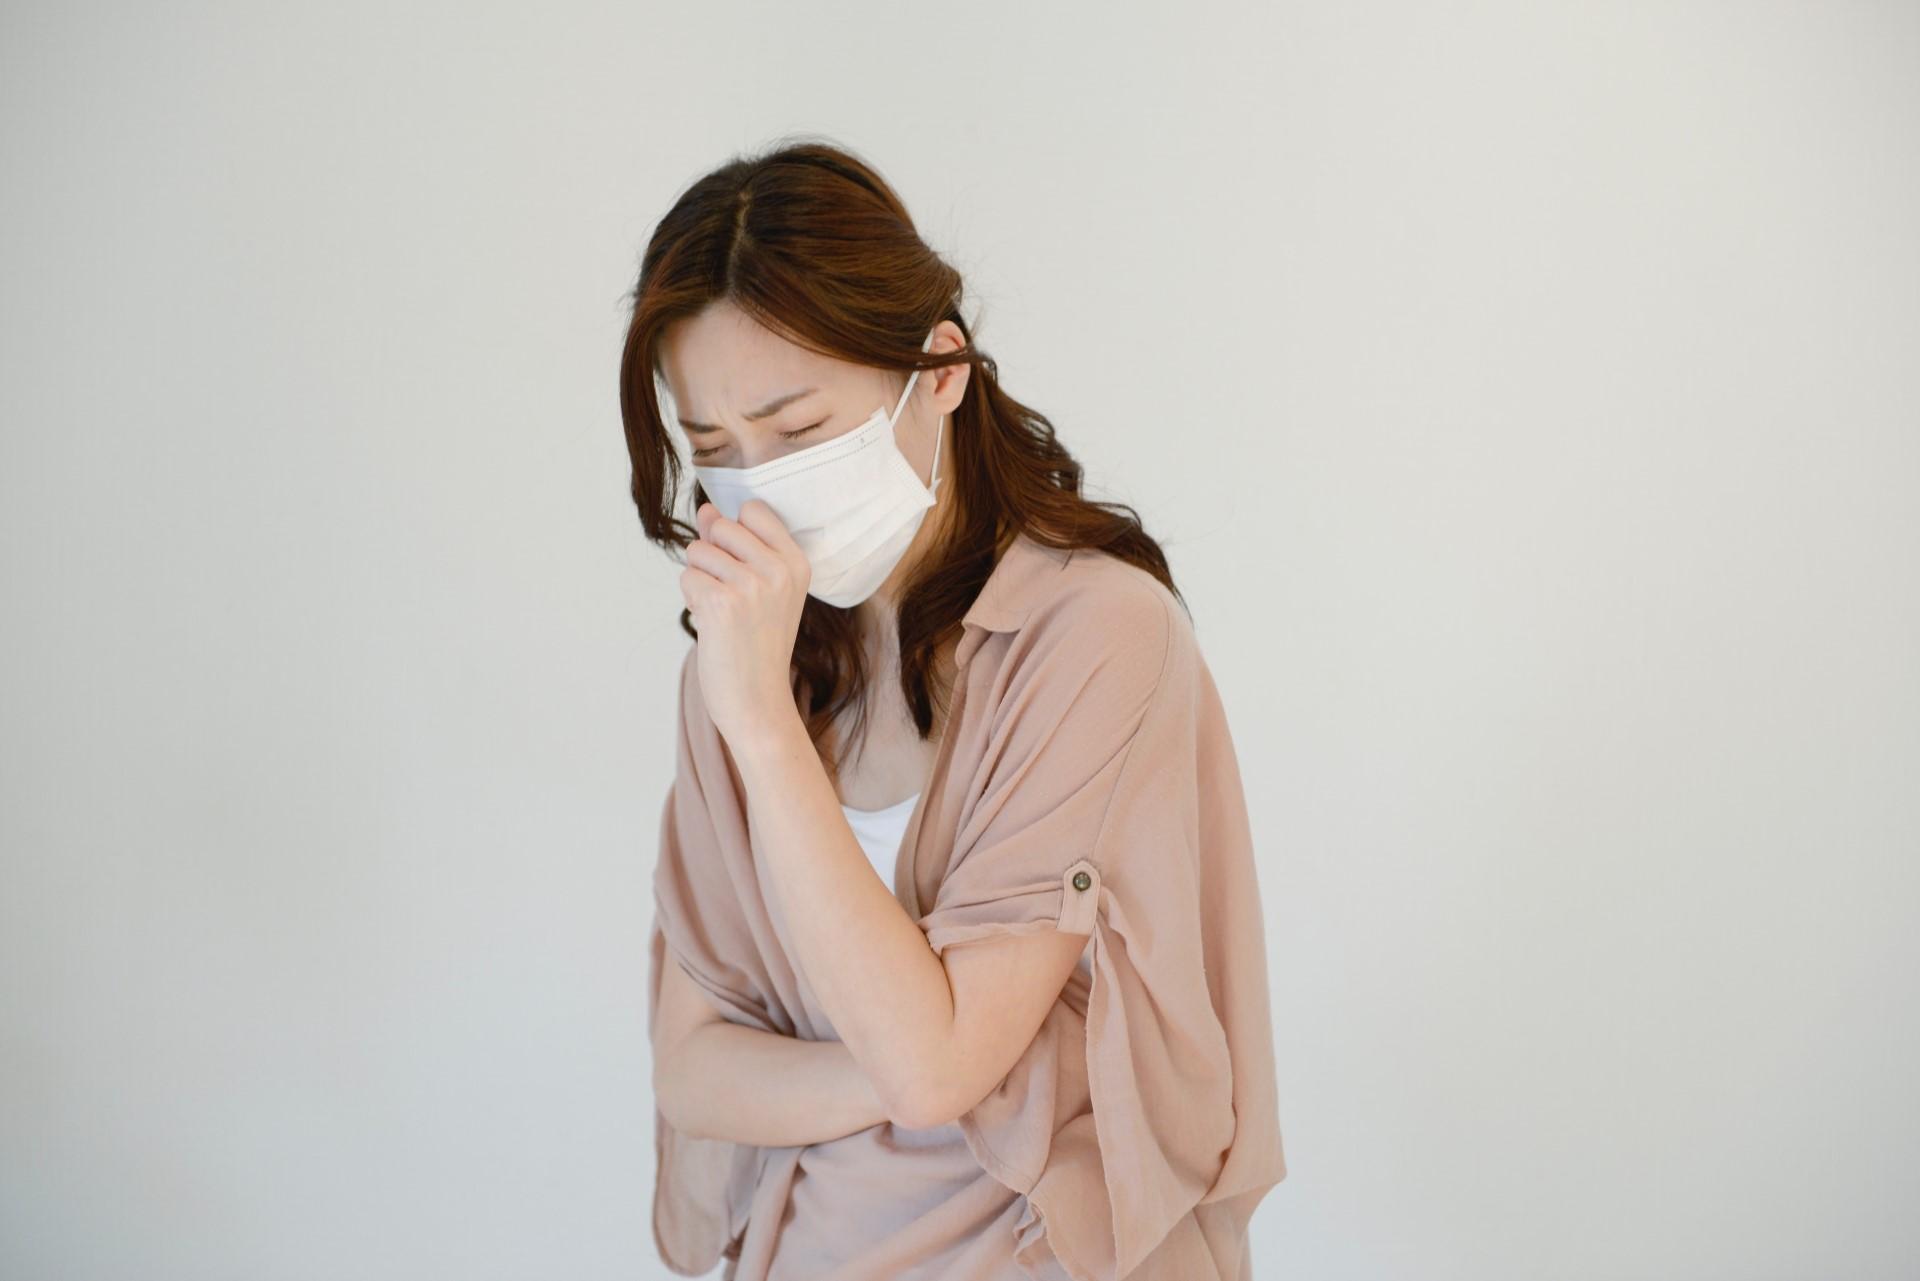 肺炎やアレルギー発症の恐れ